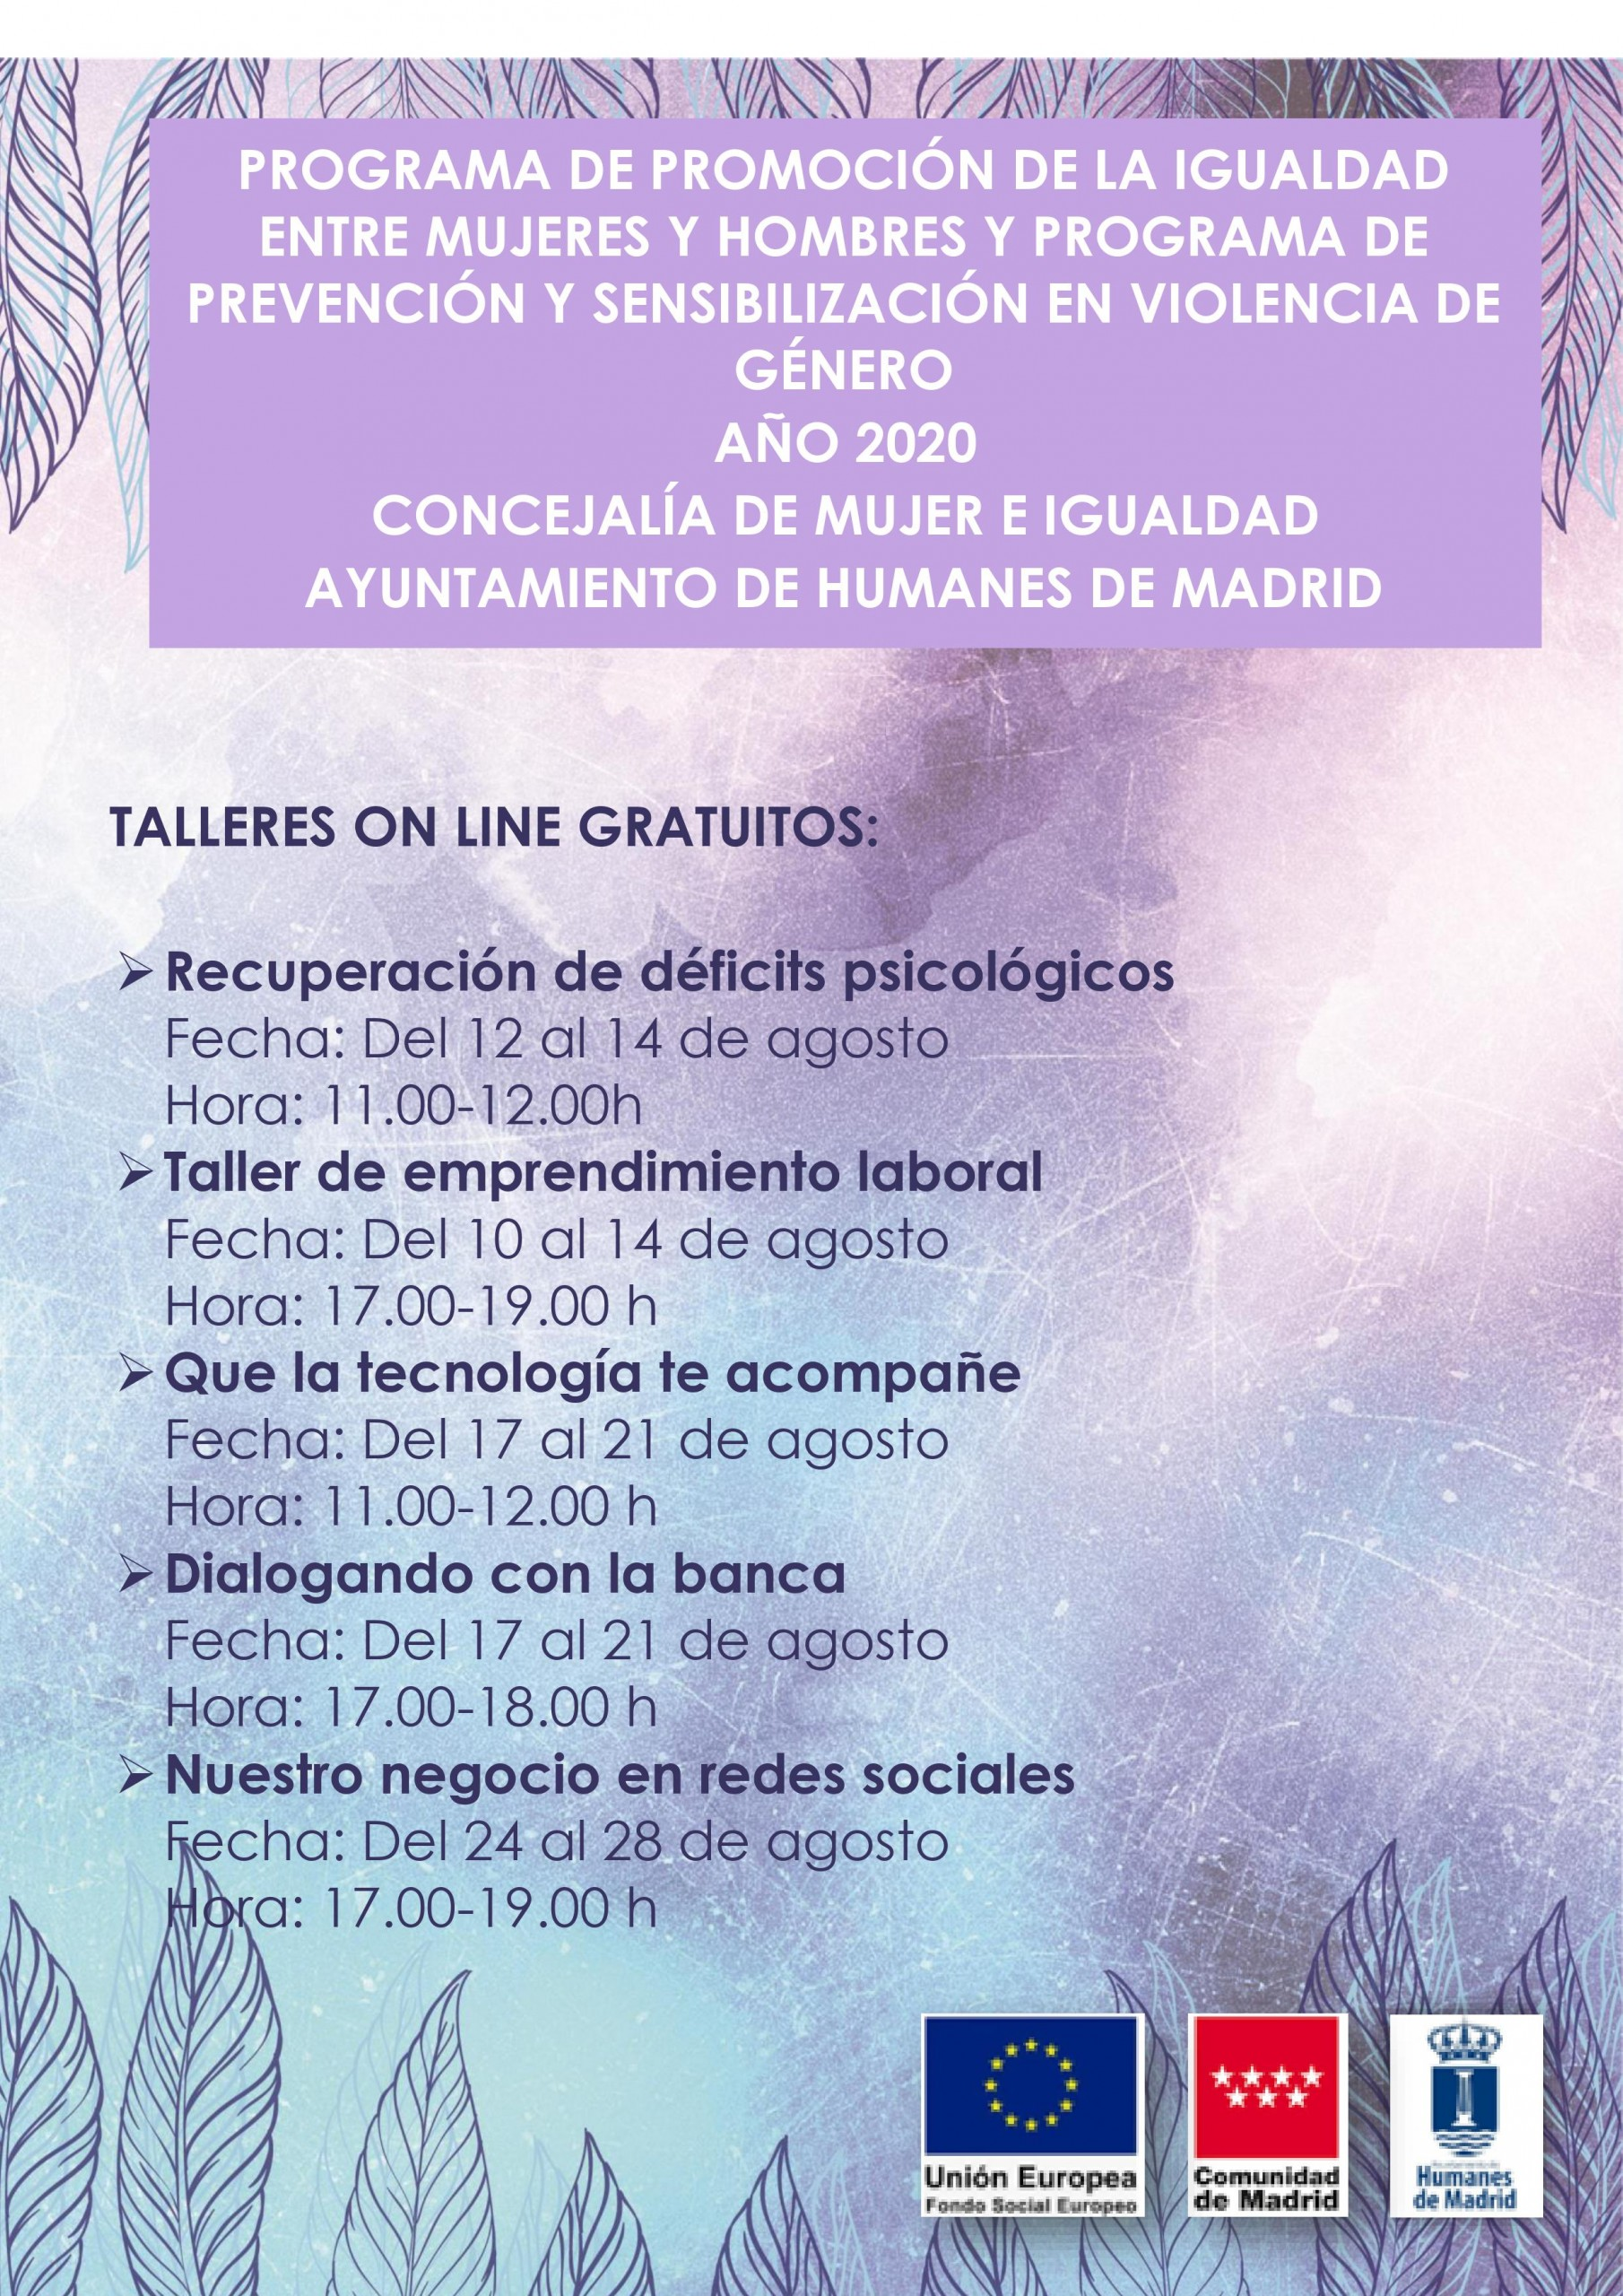 Cursos online gratuitos impartidos por la Concejalía de Mujer e Igualdad.